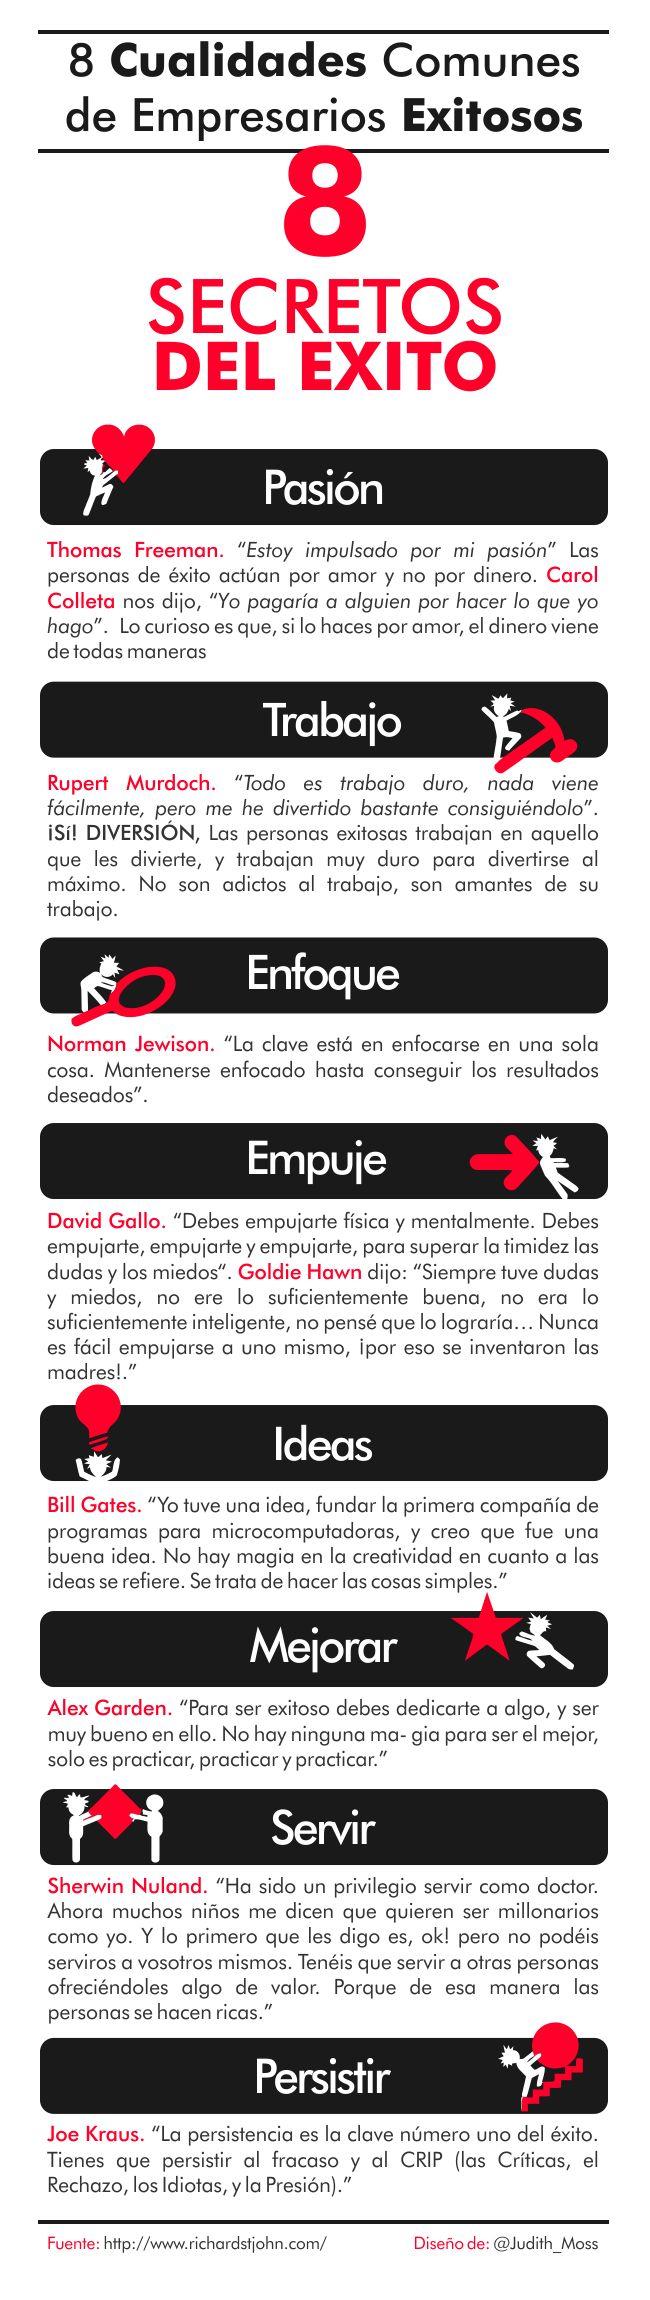 8 cualidades de los empresarios de éxito